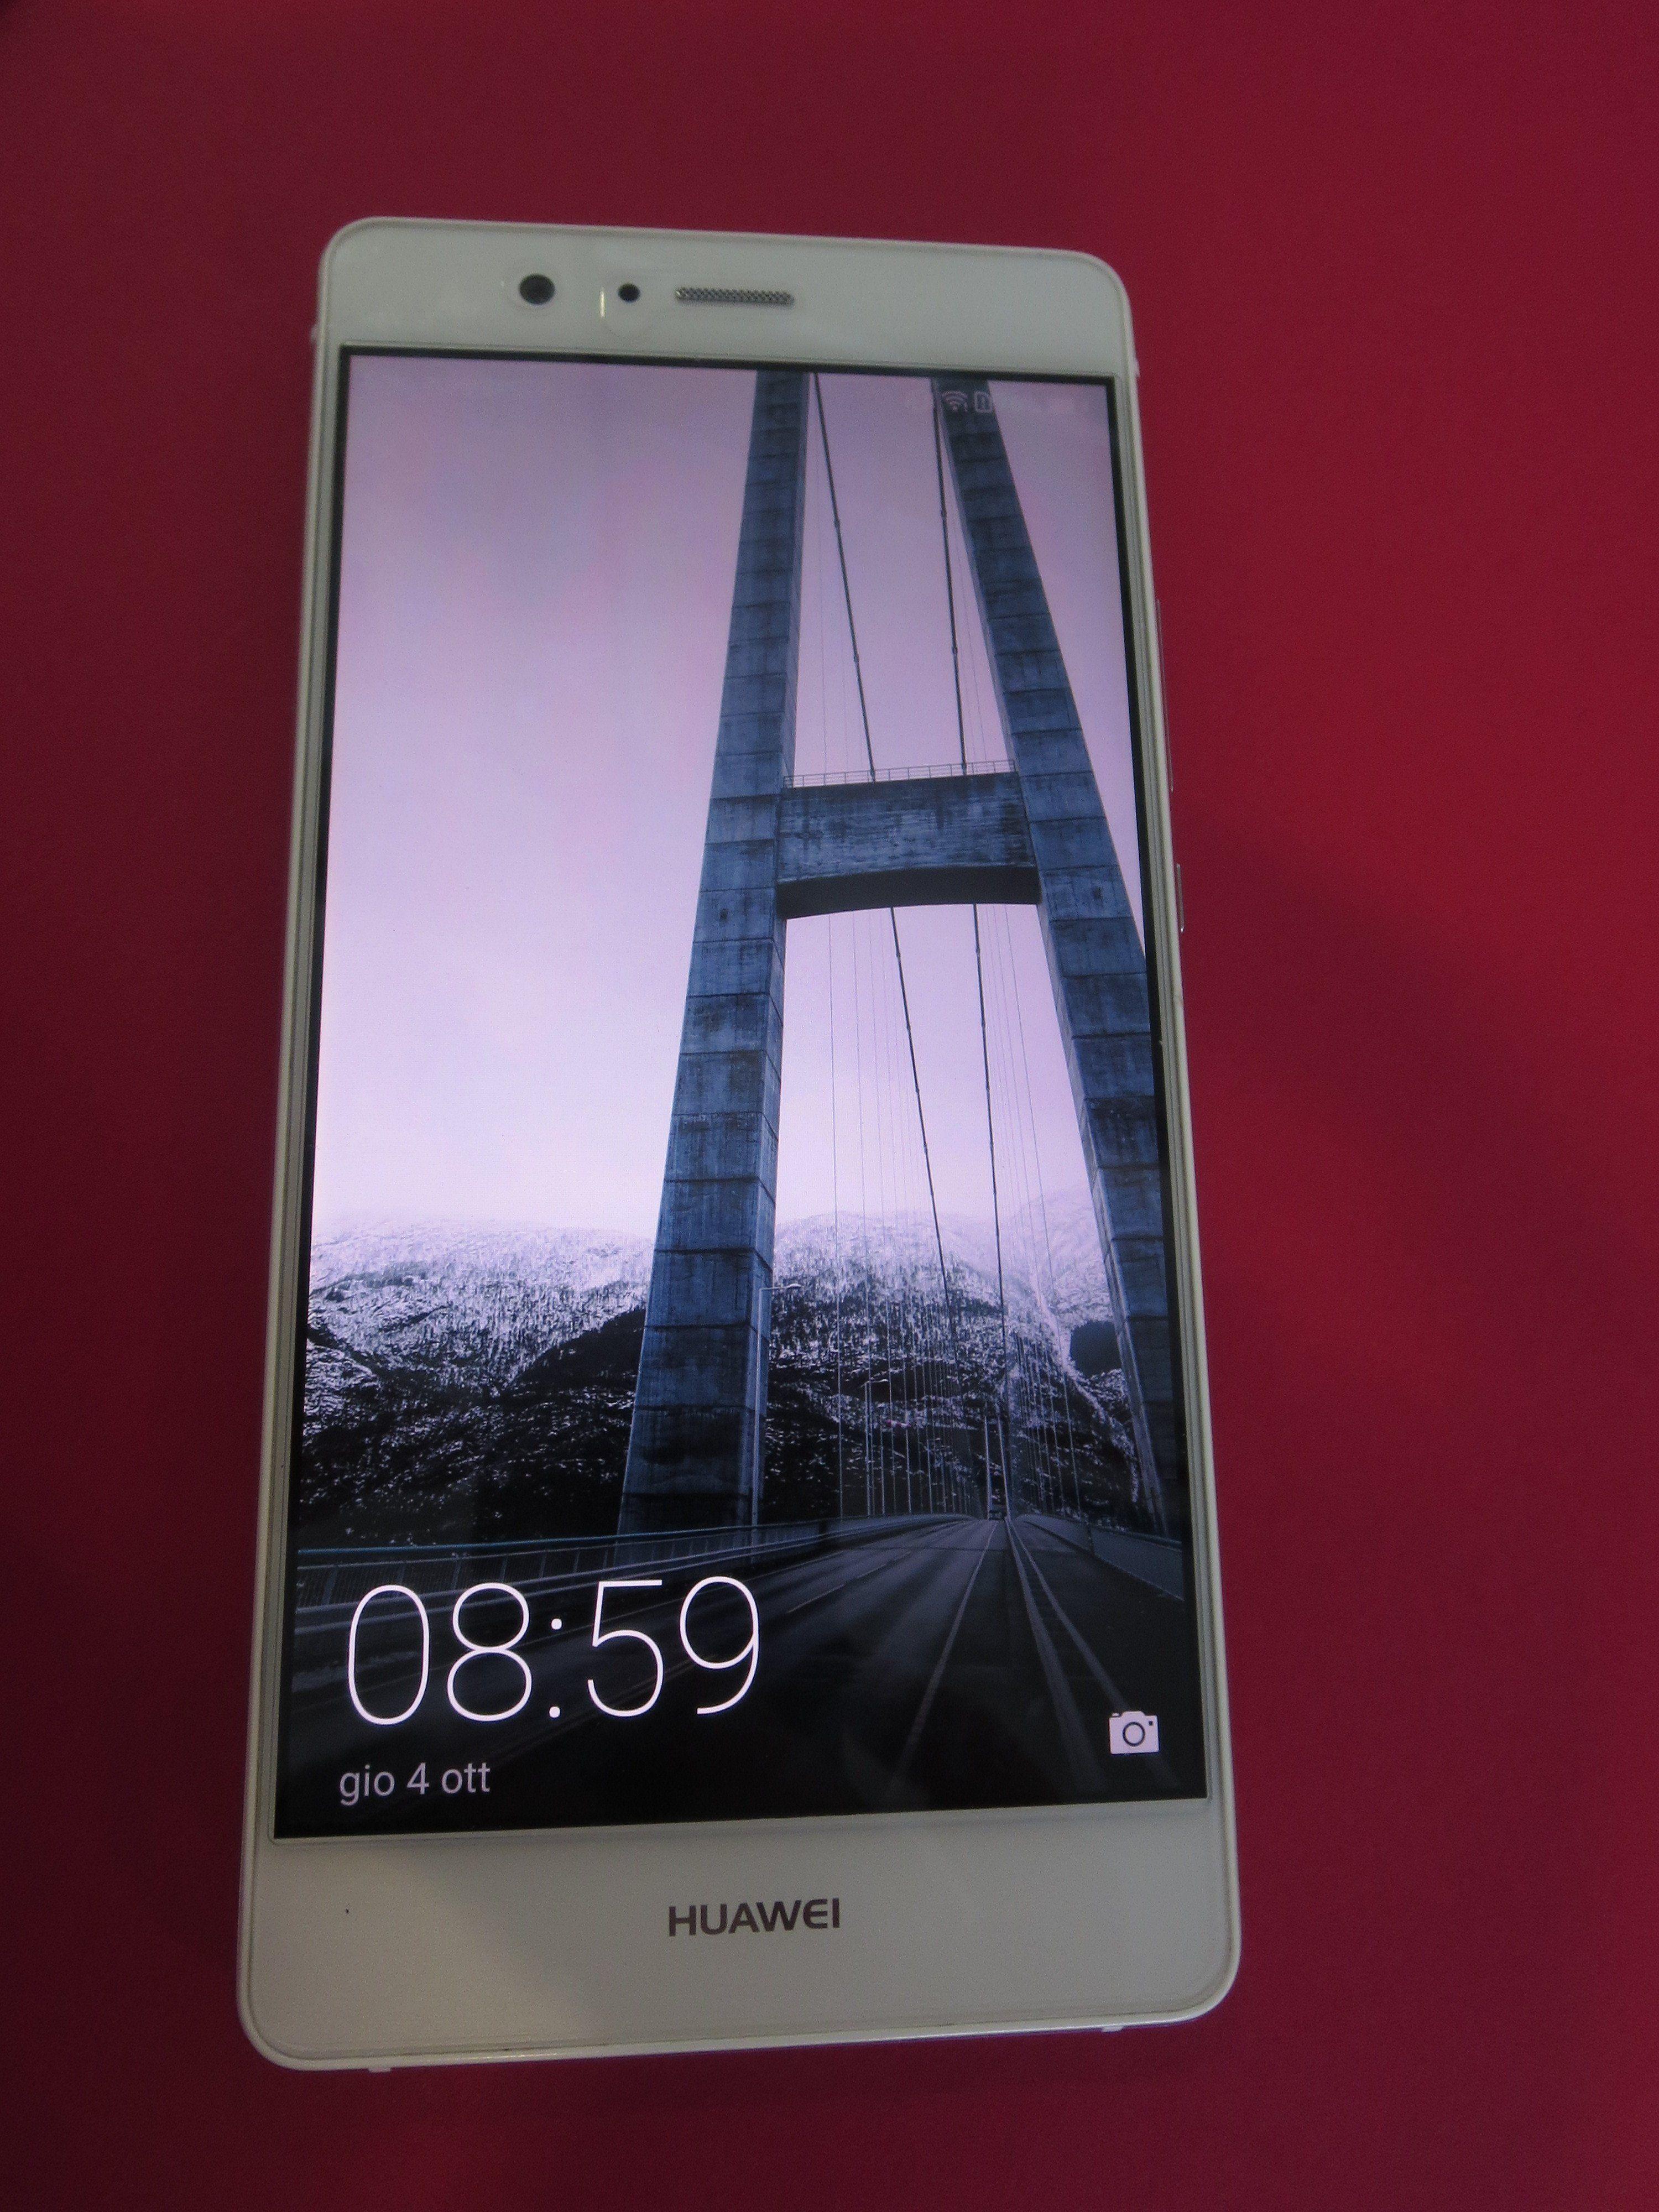 Schemi Elettrici Huawei : ▷ recensione huawei p9 lite qualescegliere.it